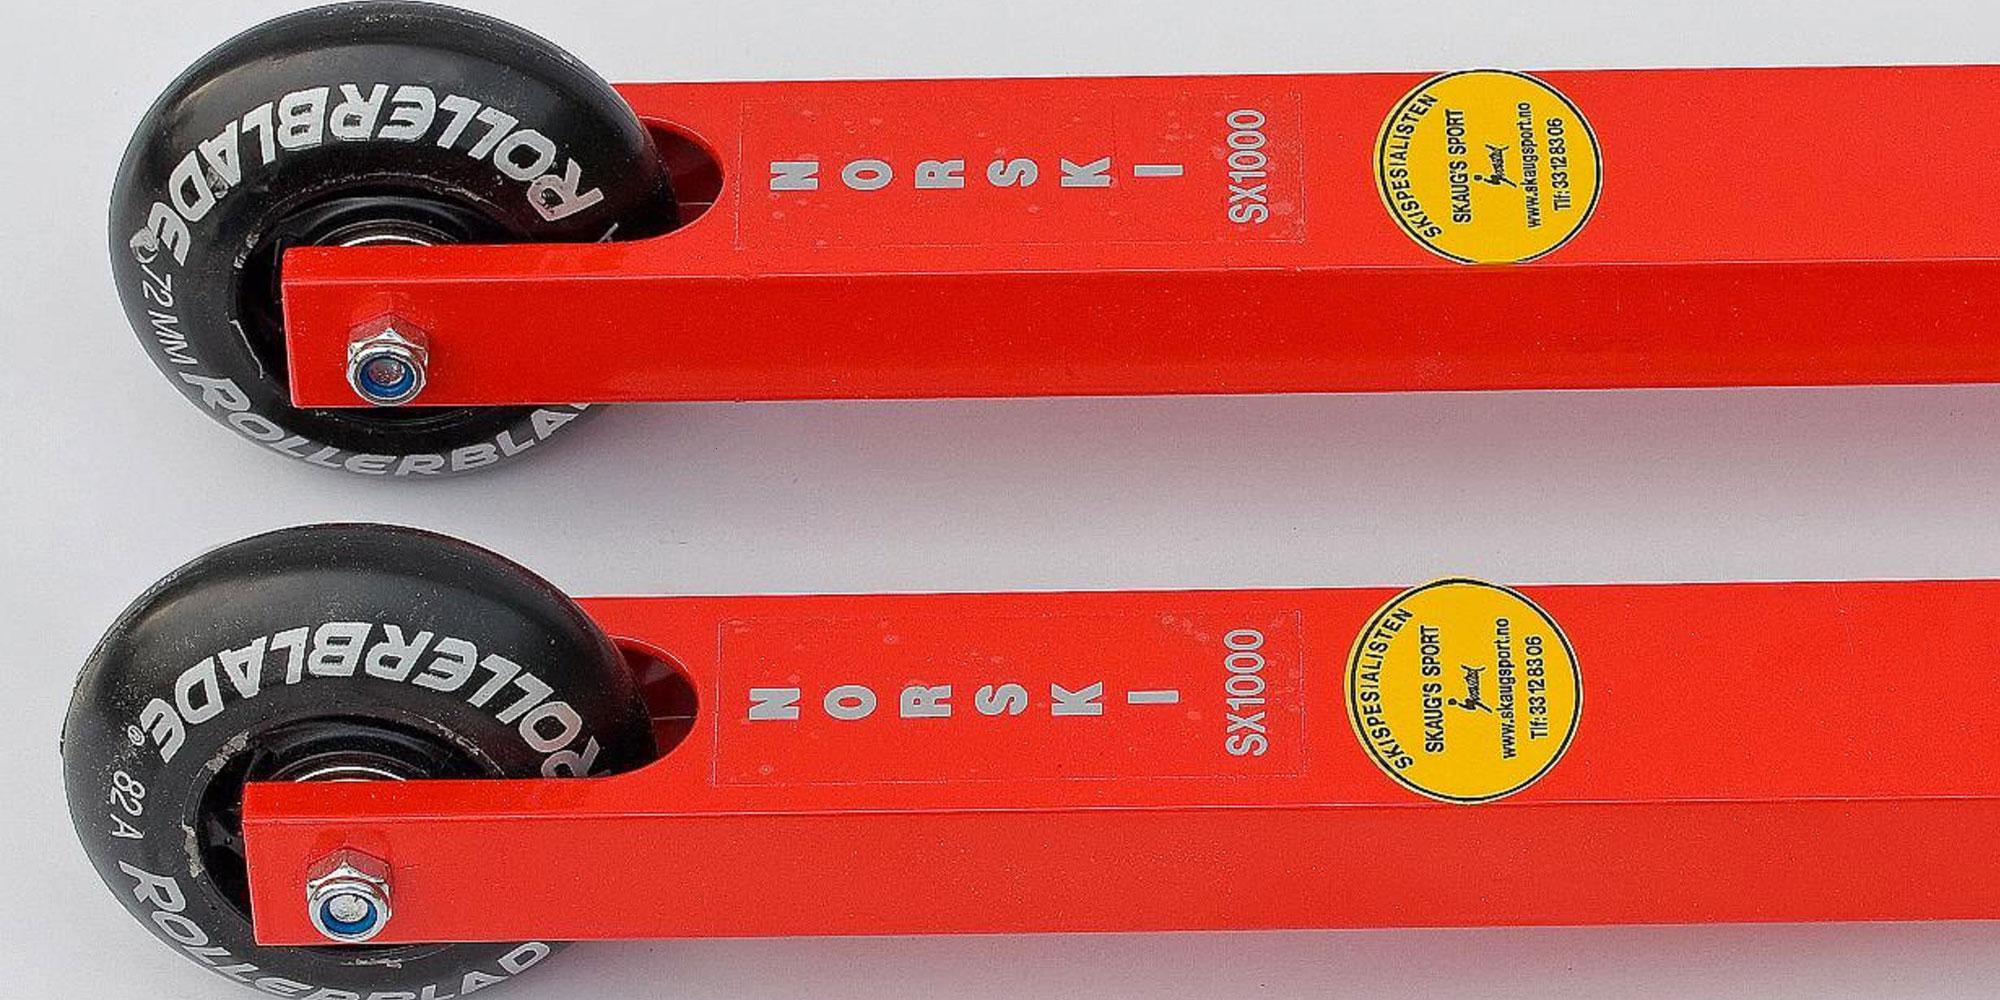 Norski SX1000 jr. skate